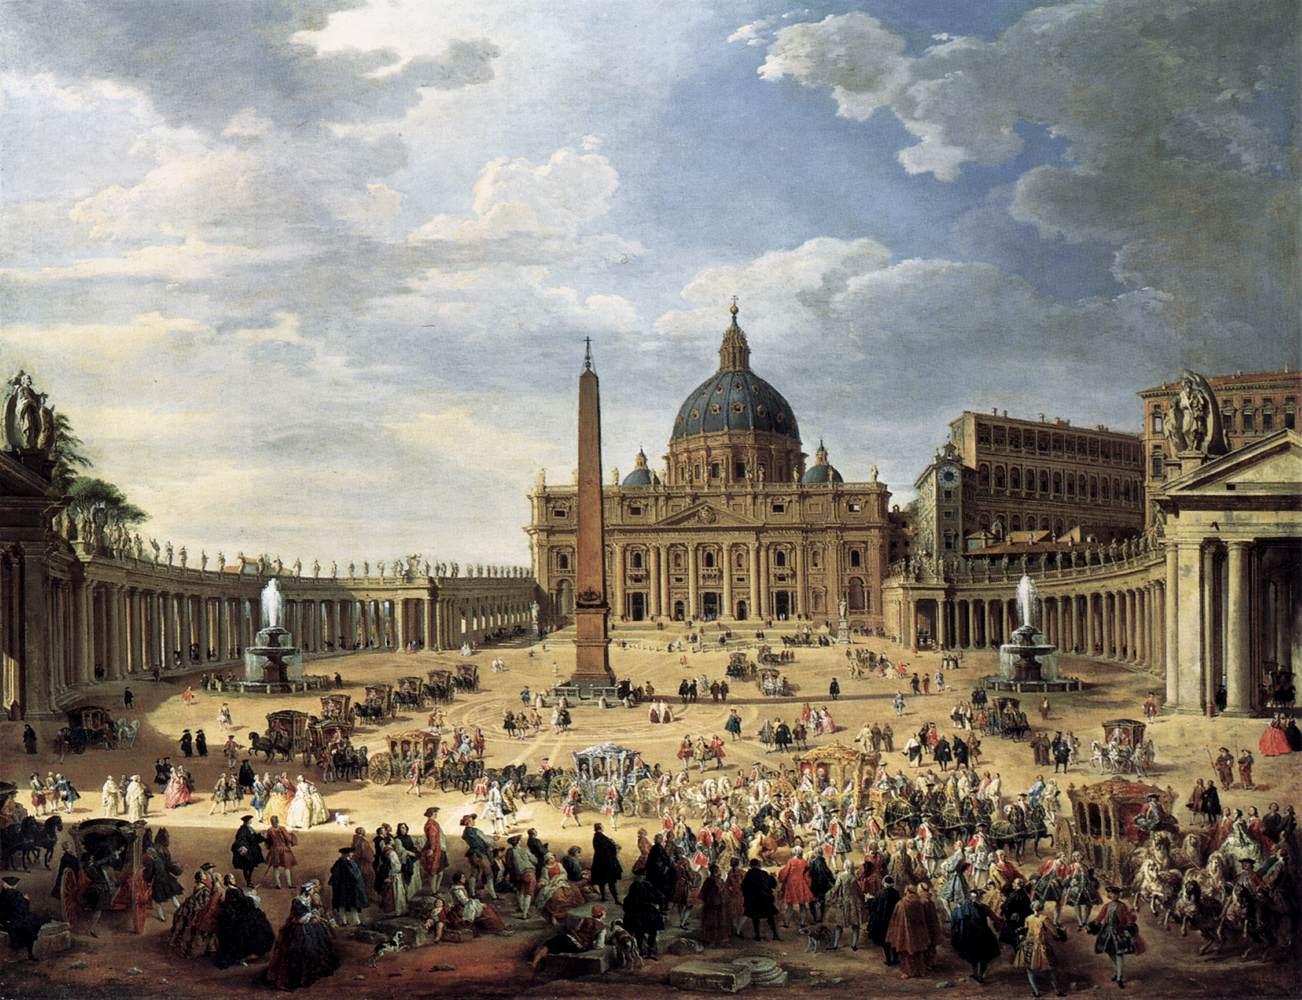 2. Salida del Duque de Choiseul desde la Plaza de San Pedro, Panini